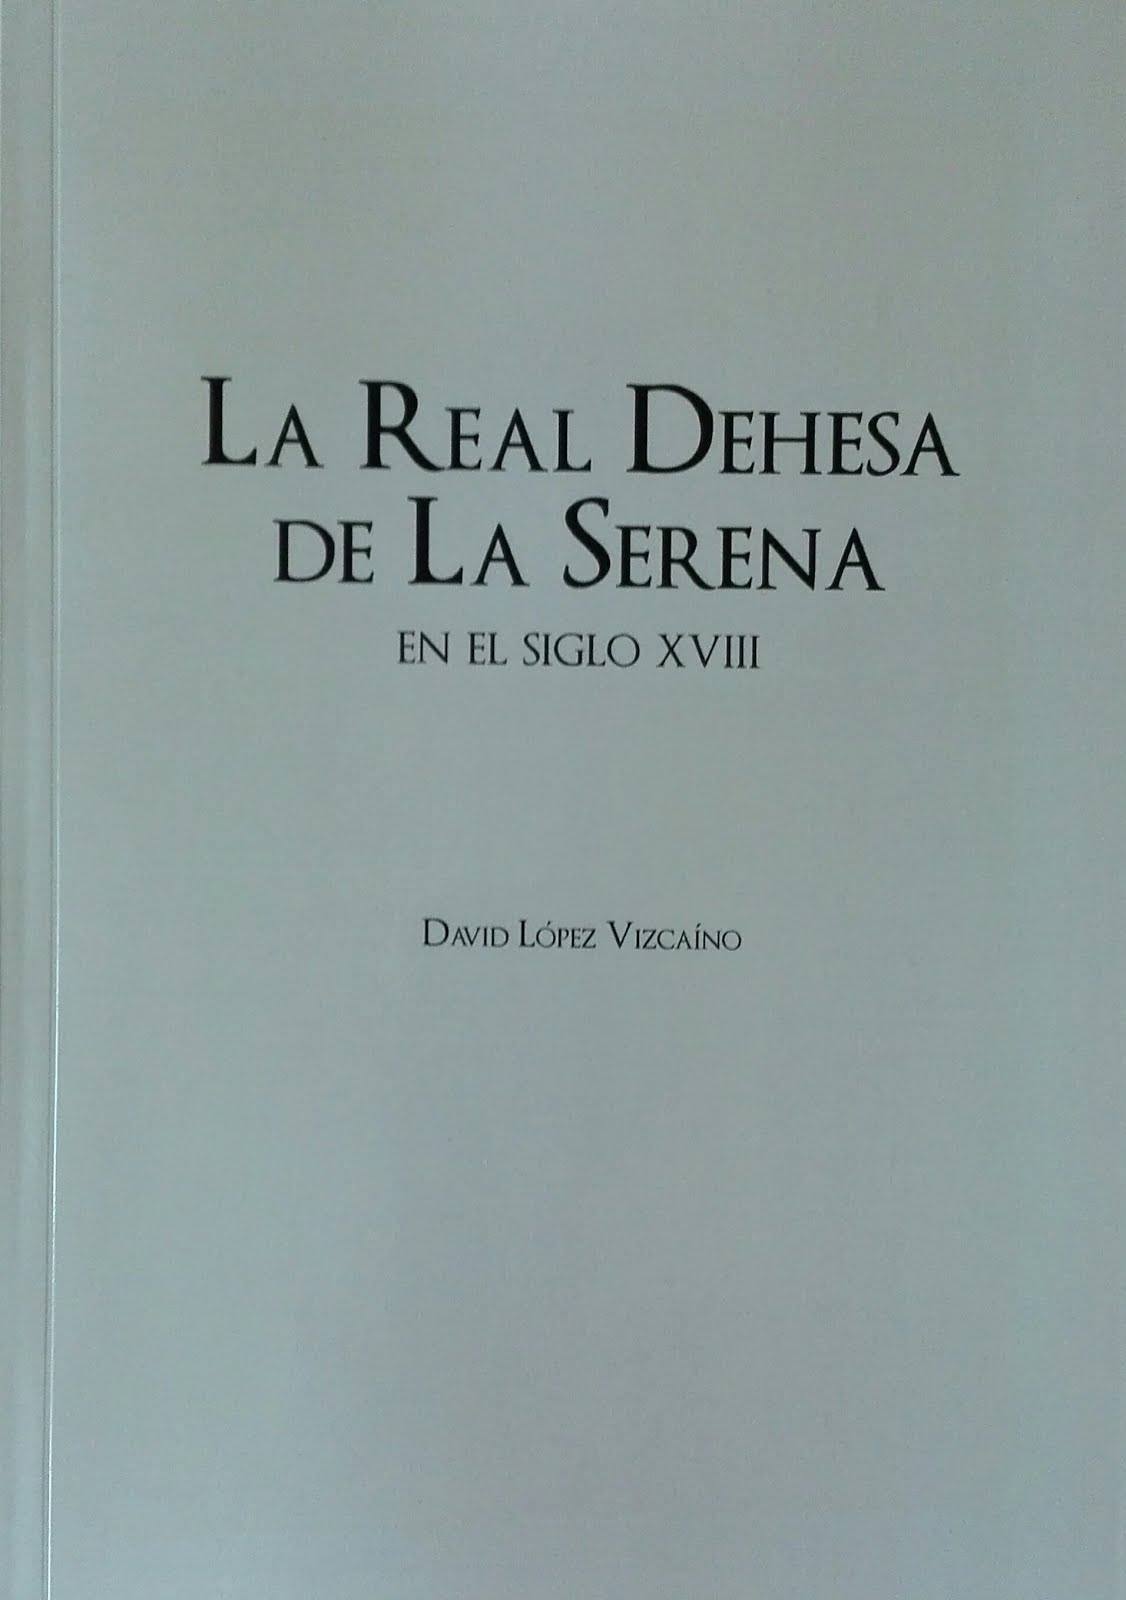 Obra del bloguero. Historia, investigación. La Real Dehesa de La Serena en el siglo XVIII. 2017